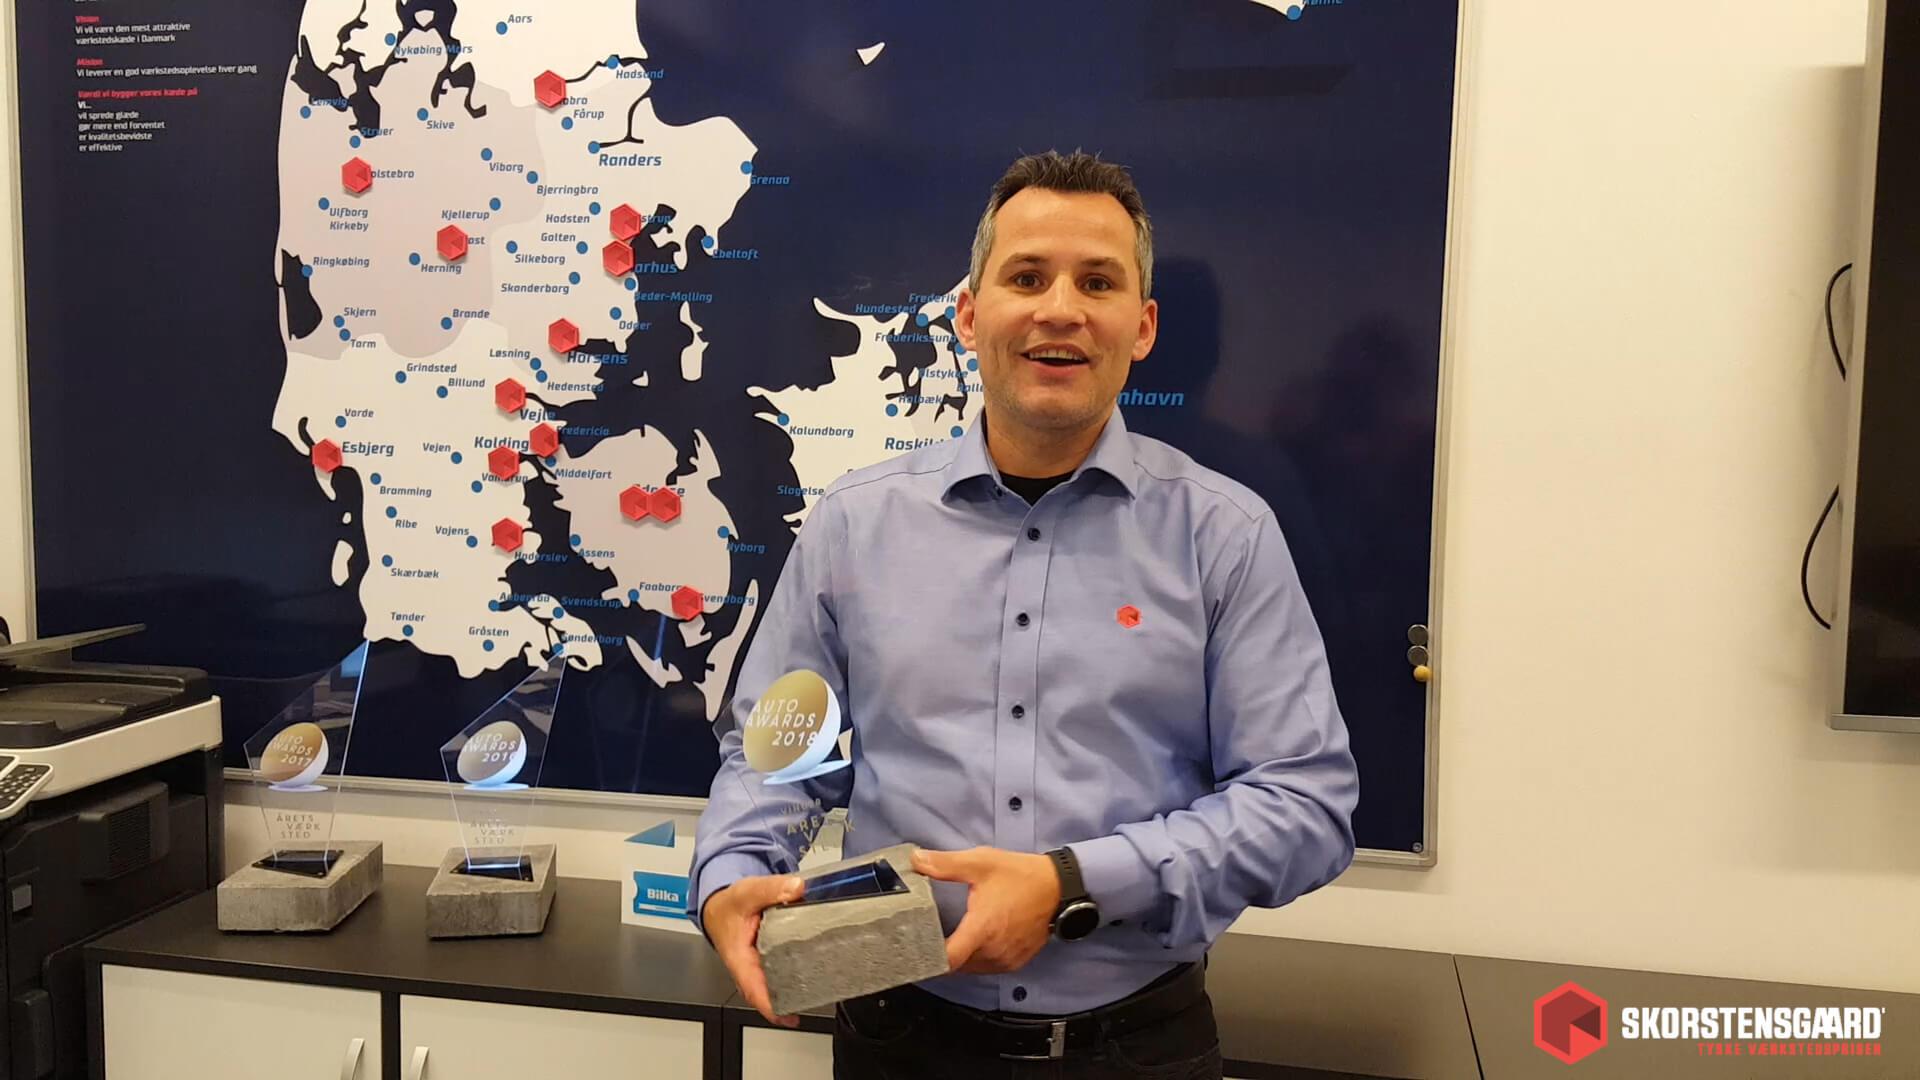 Vind gavekort med Skorstensgaard i anledning af Årets værksted 2018